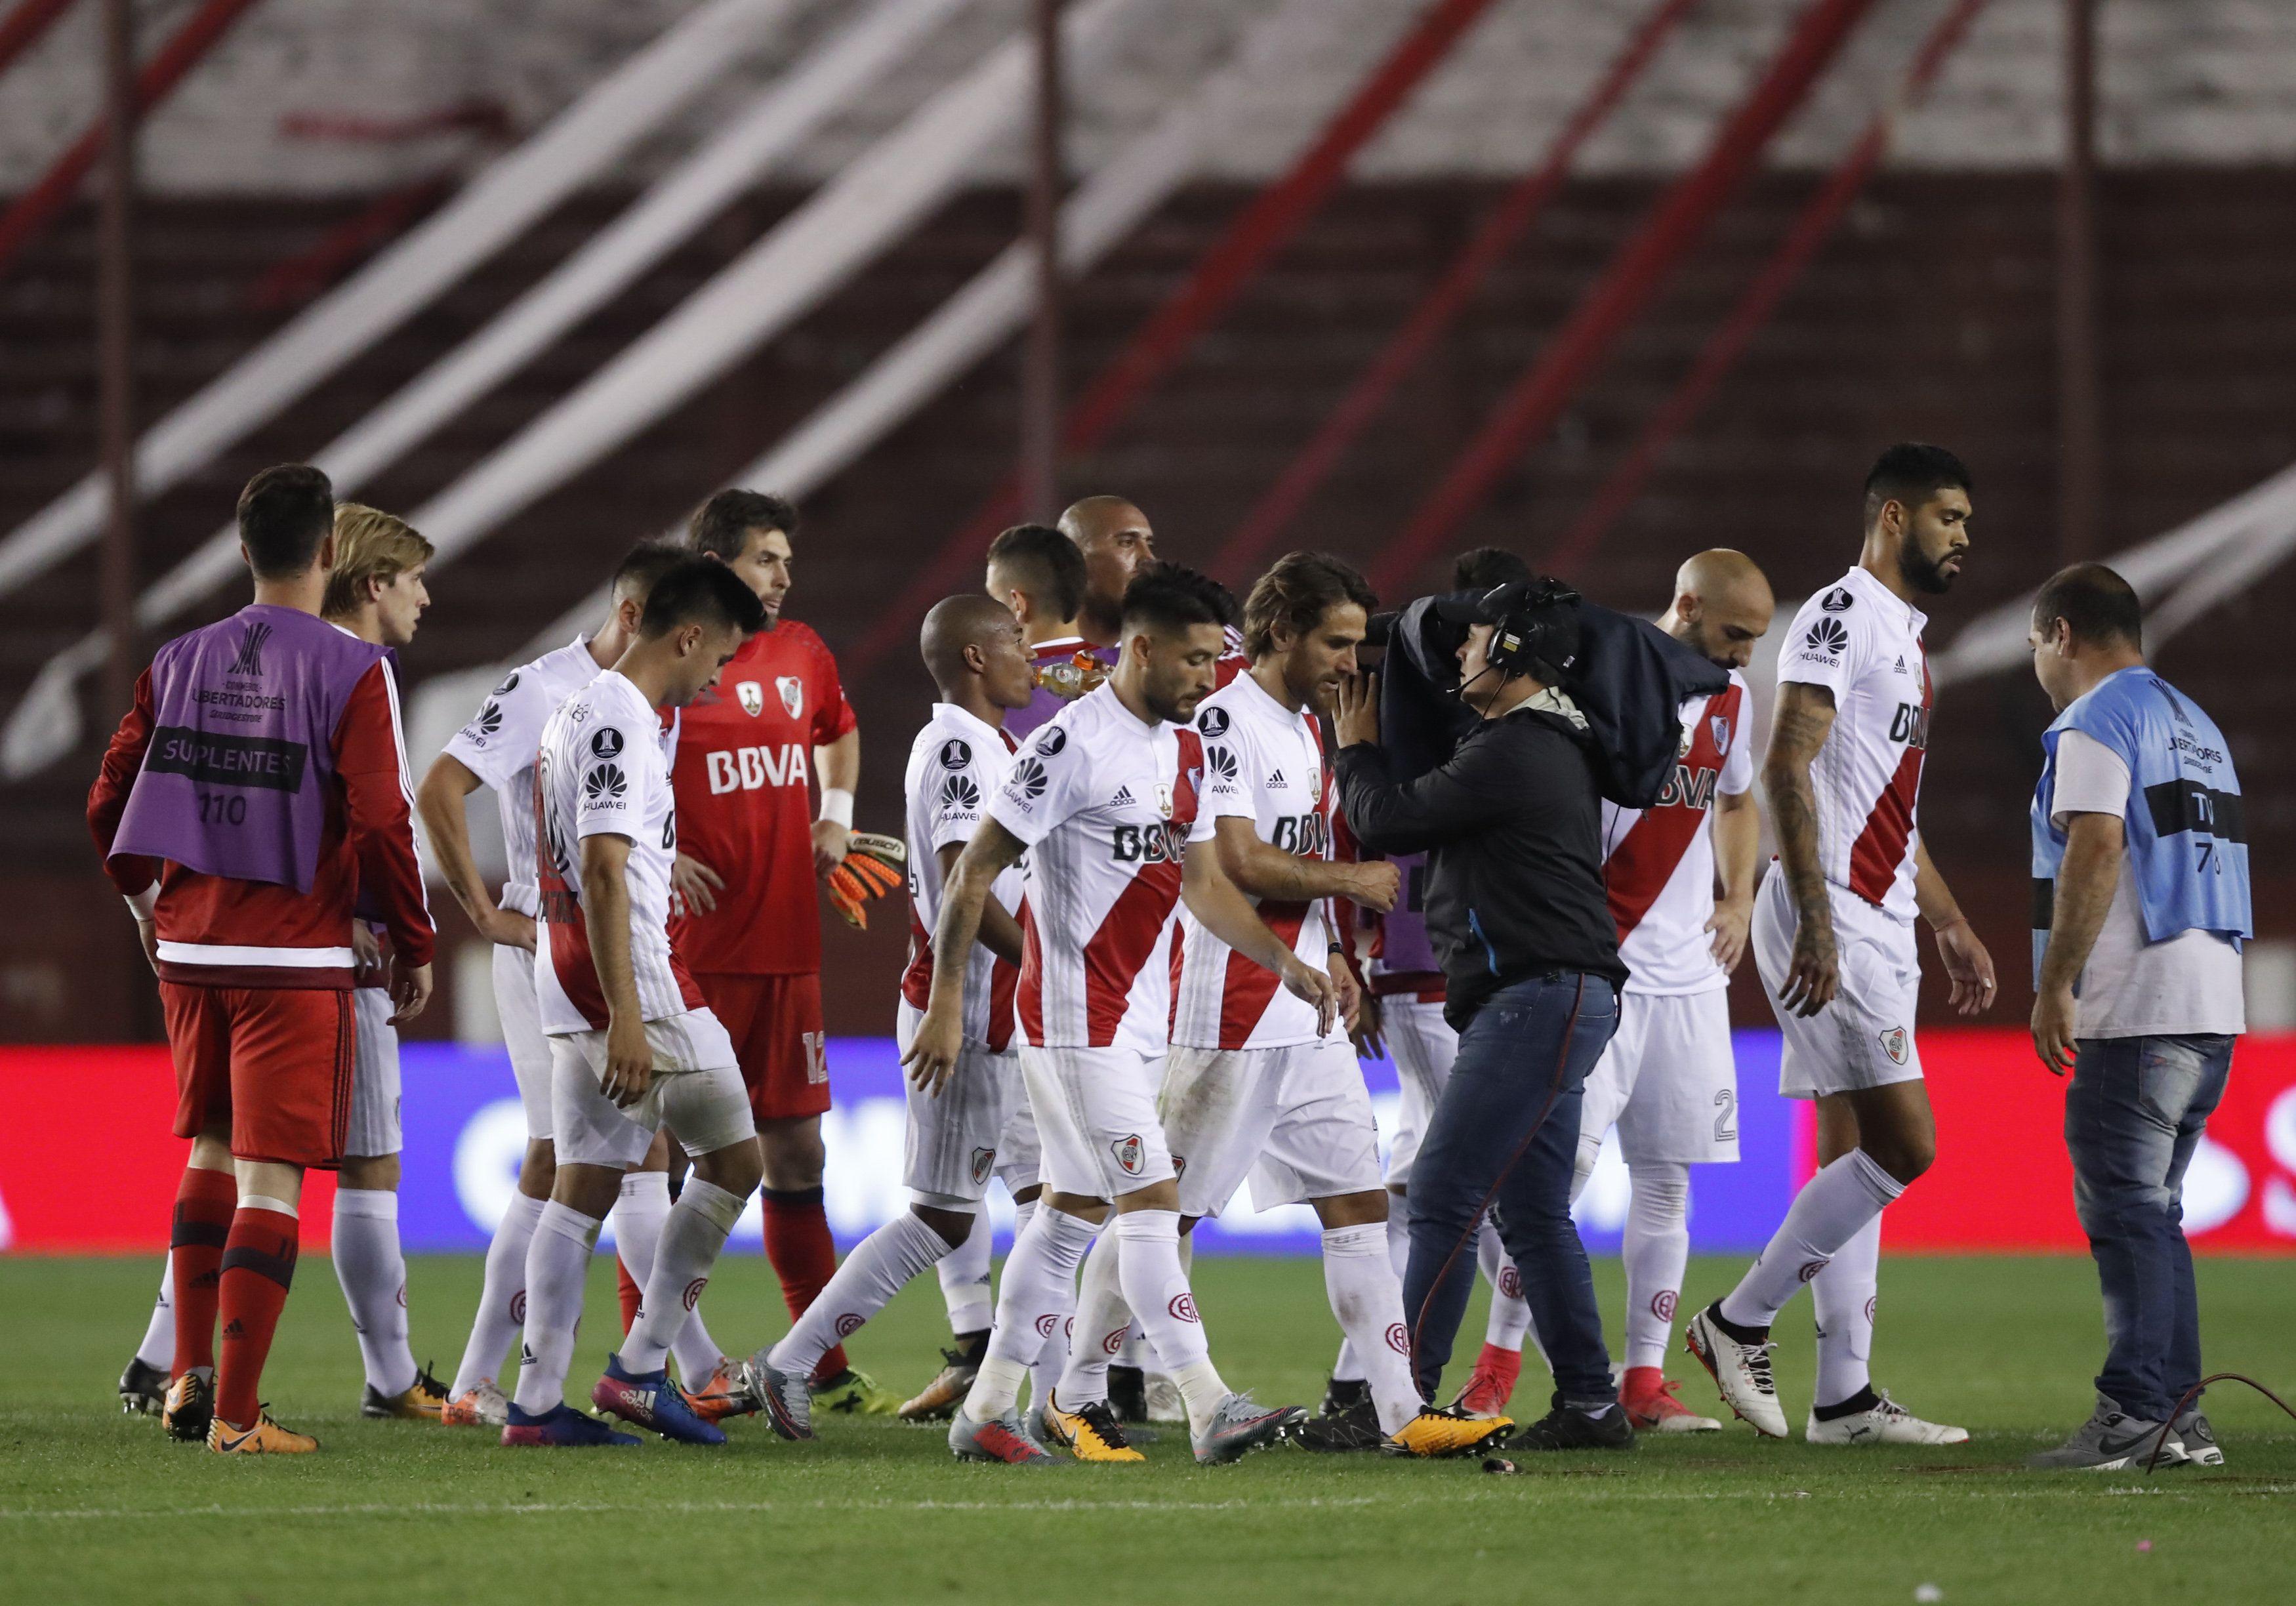 Los jugadores de River se retiran del estadio de Lanús